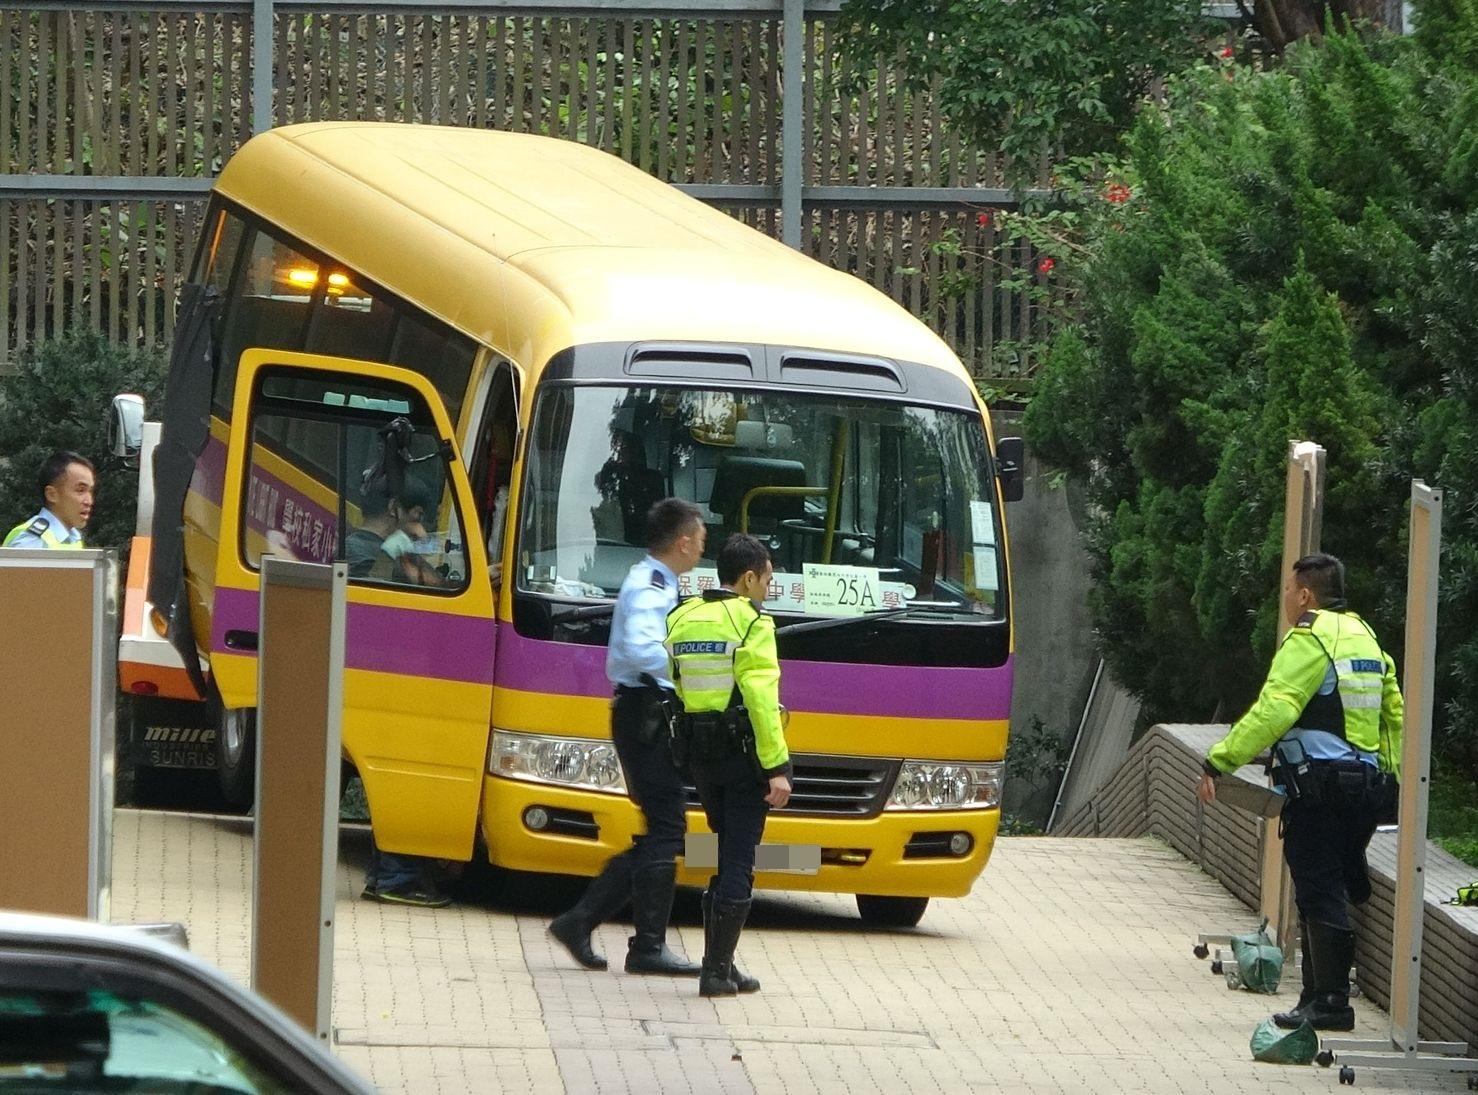 涉事的校巴司机涉嫌危险驾驶引致他人死亡被捕。